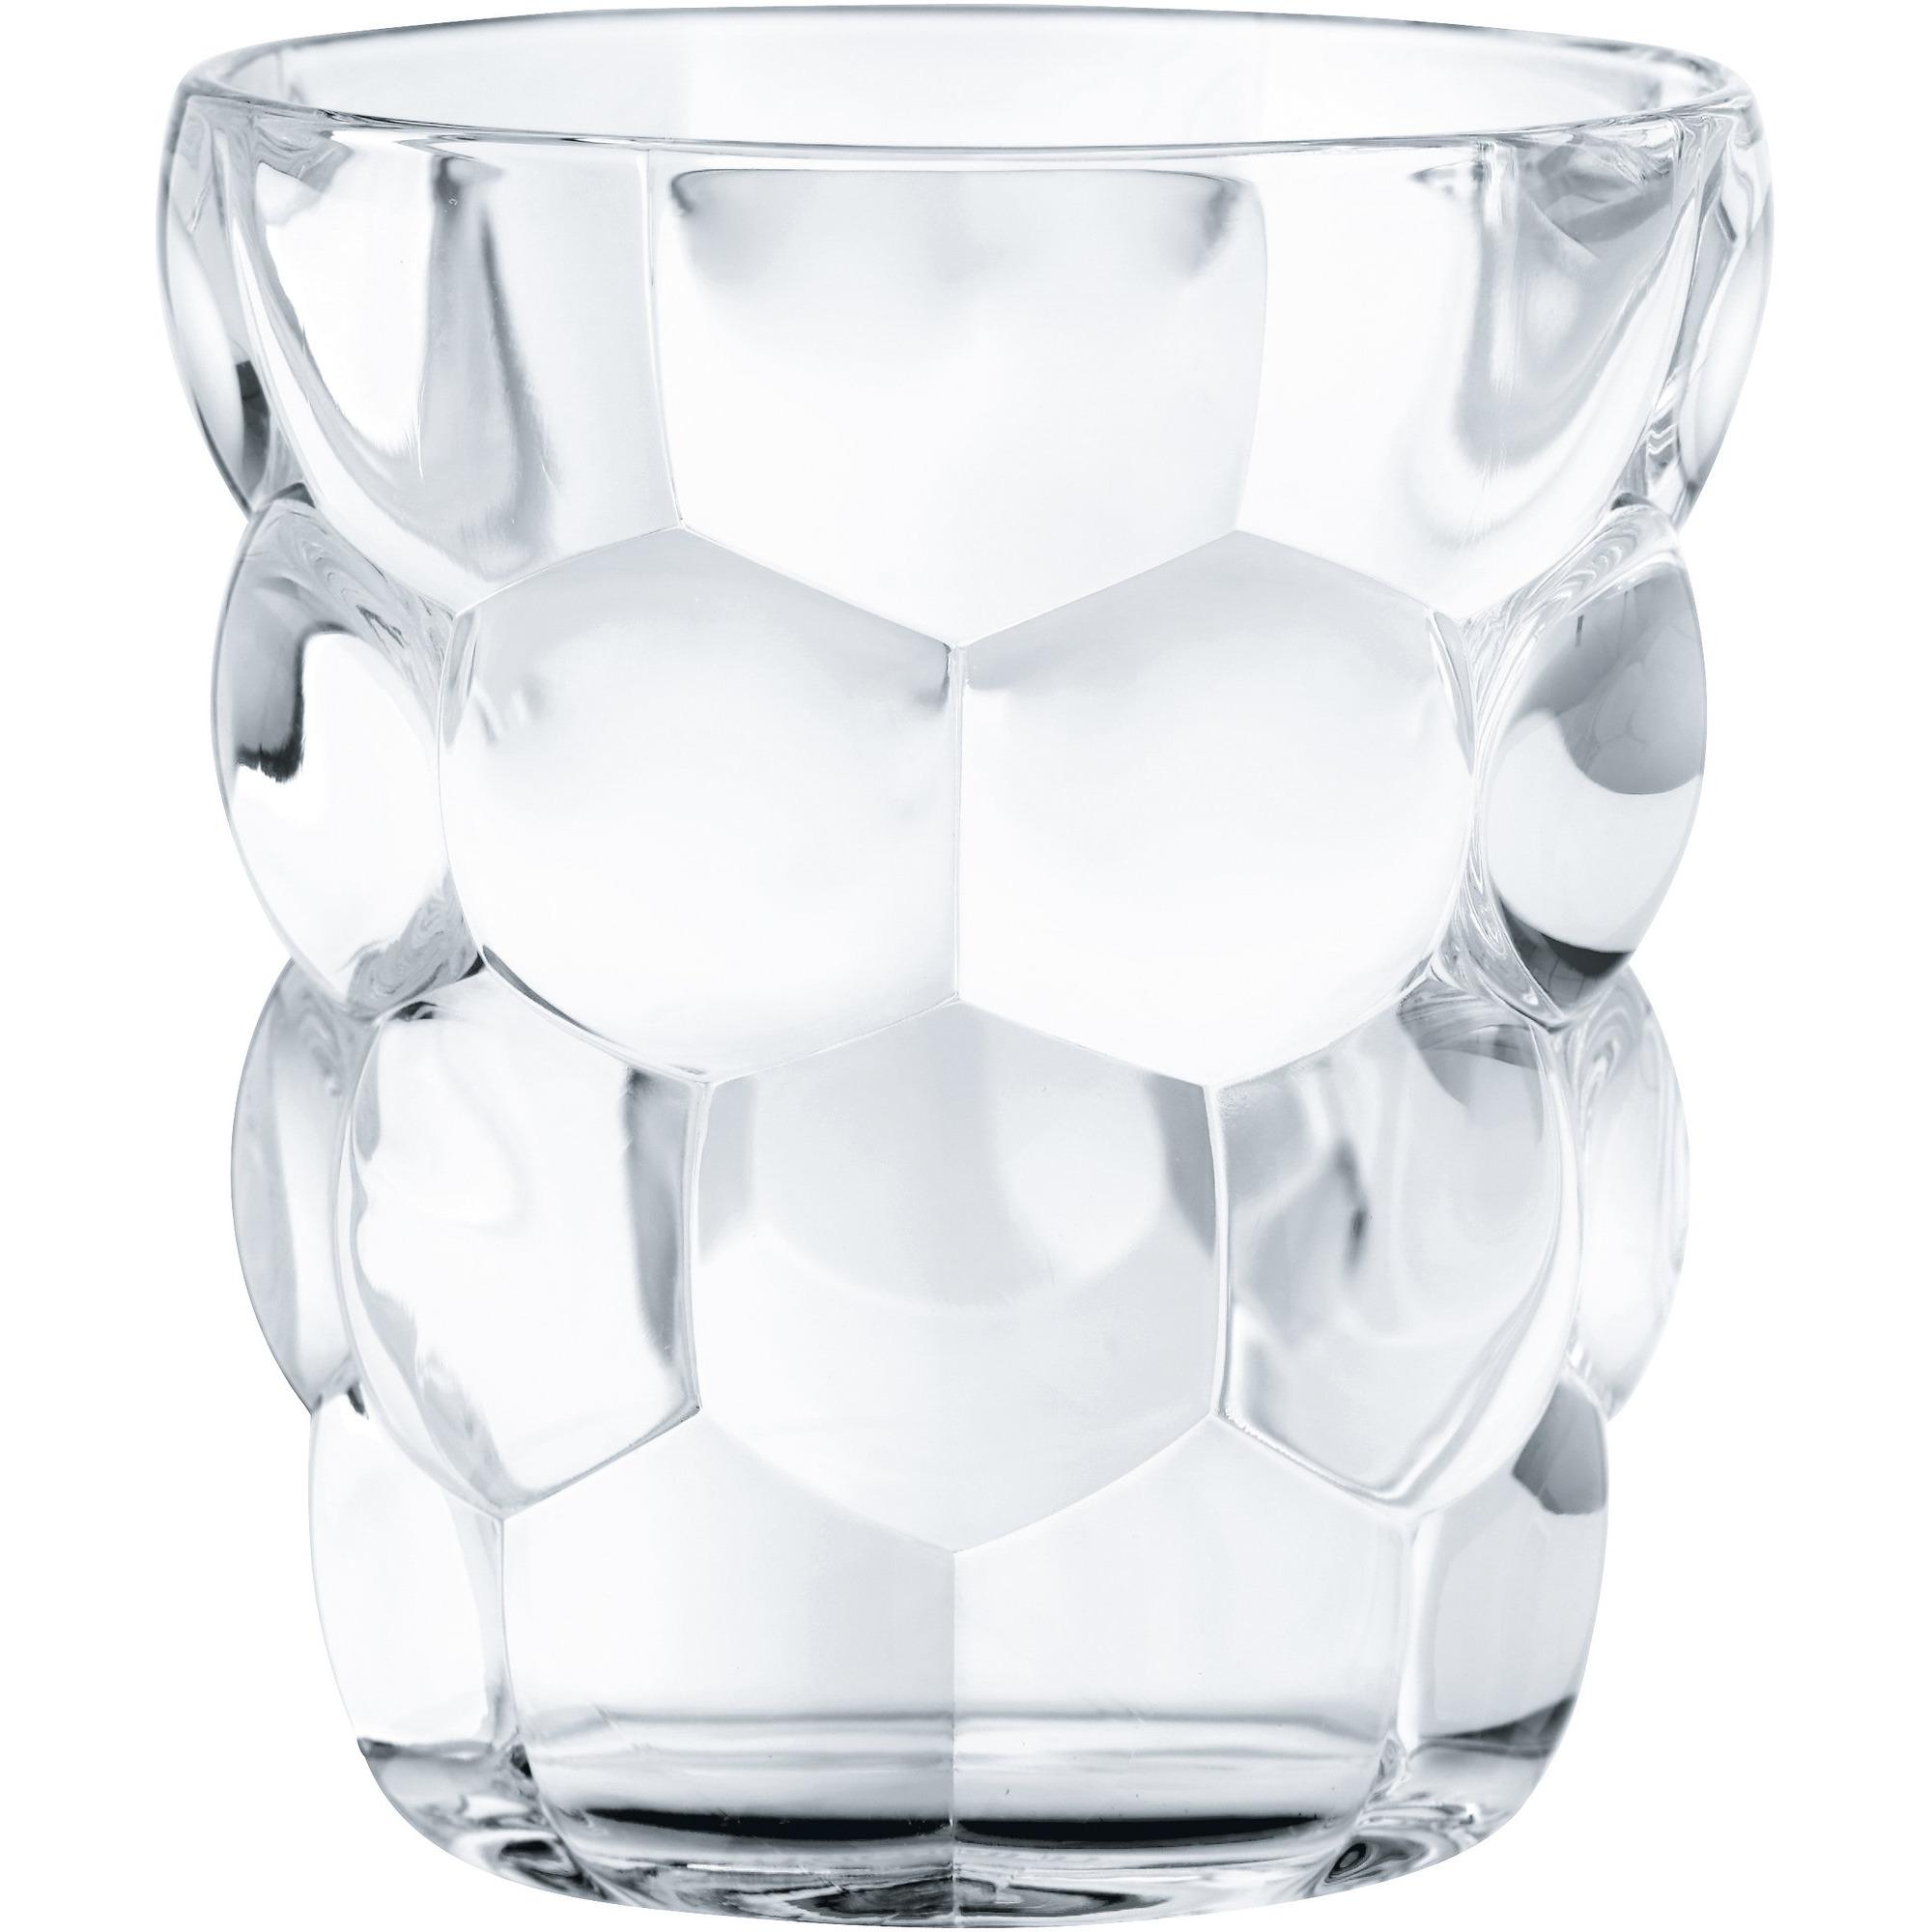 Nachtmann Bubbles Tumbler Glas 315cl 4-p